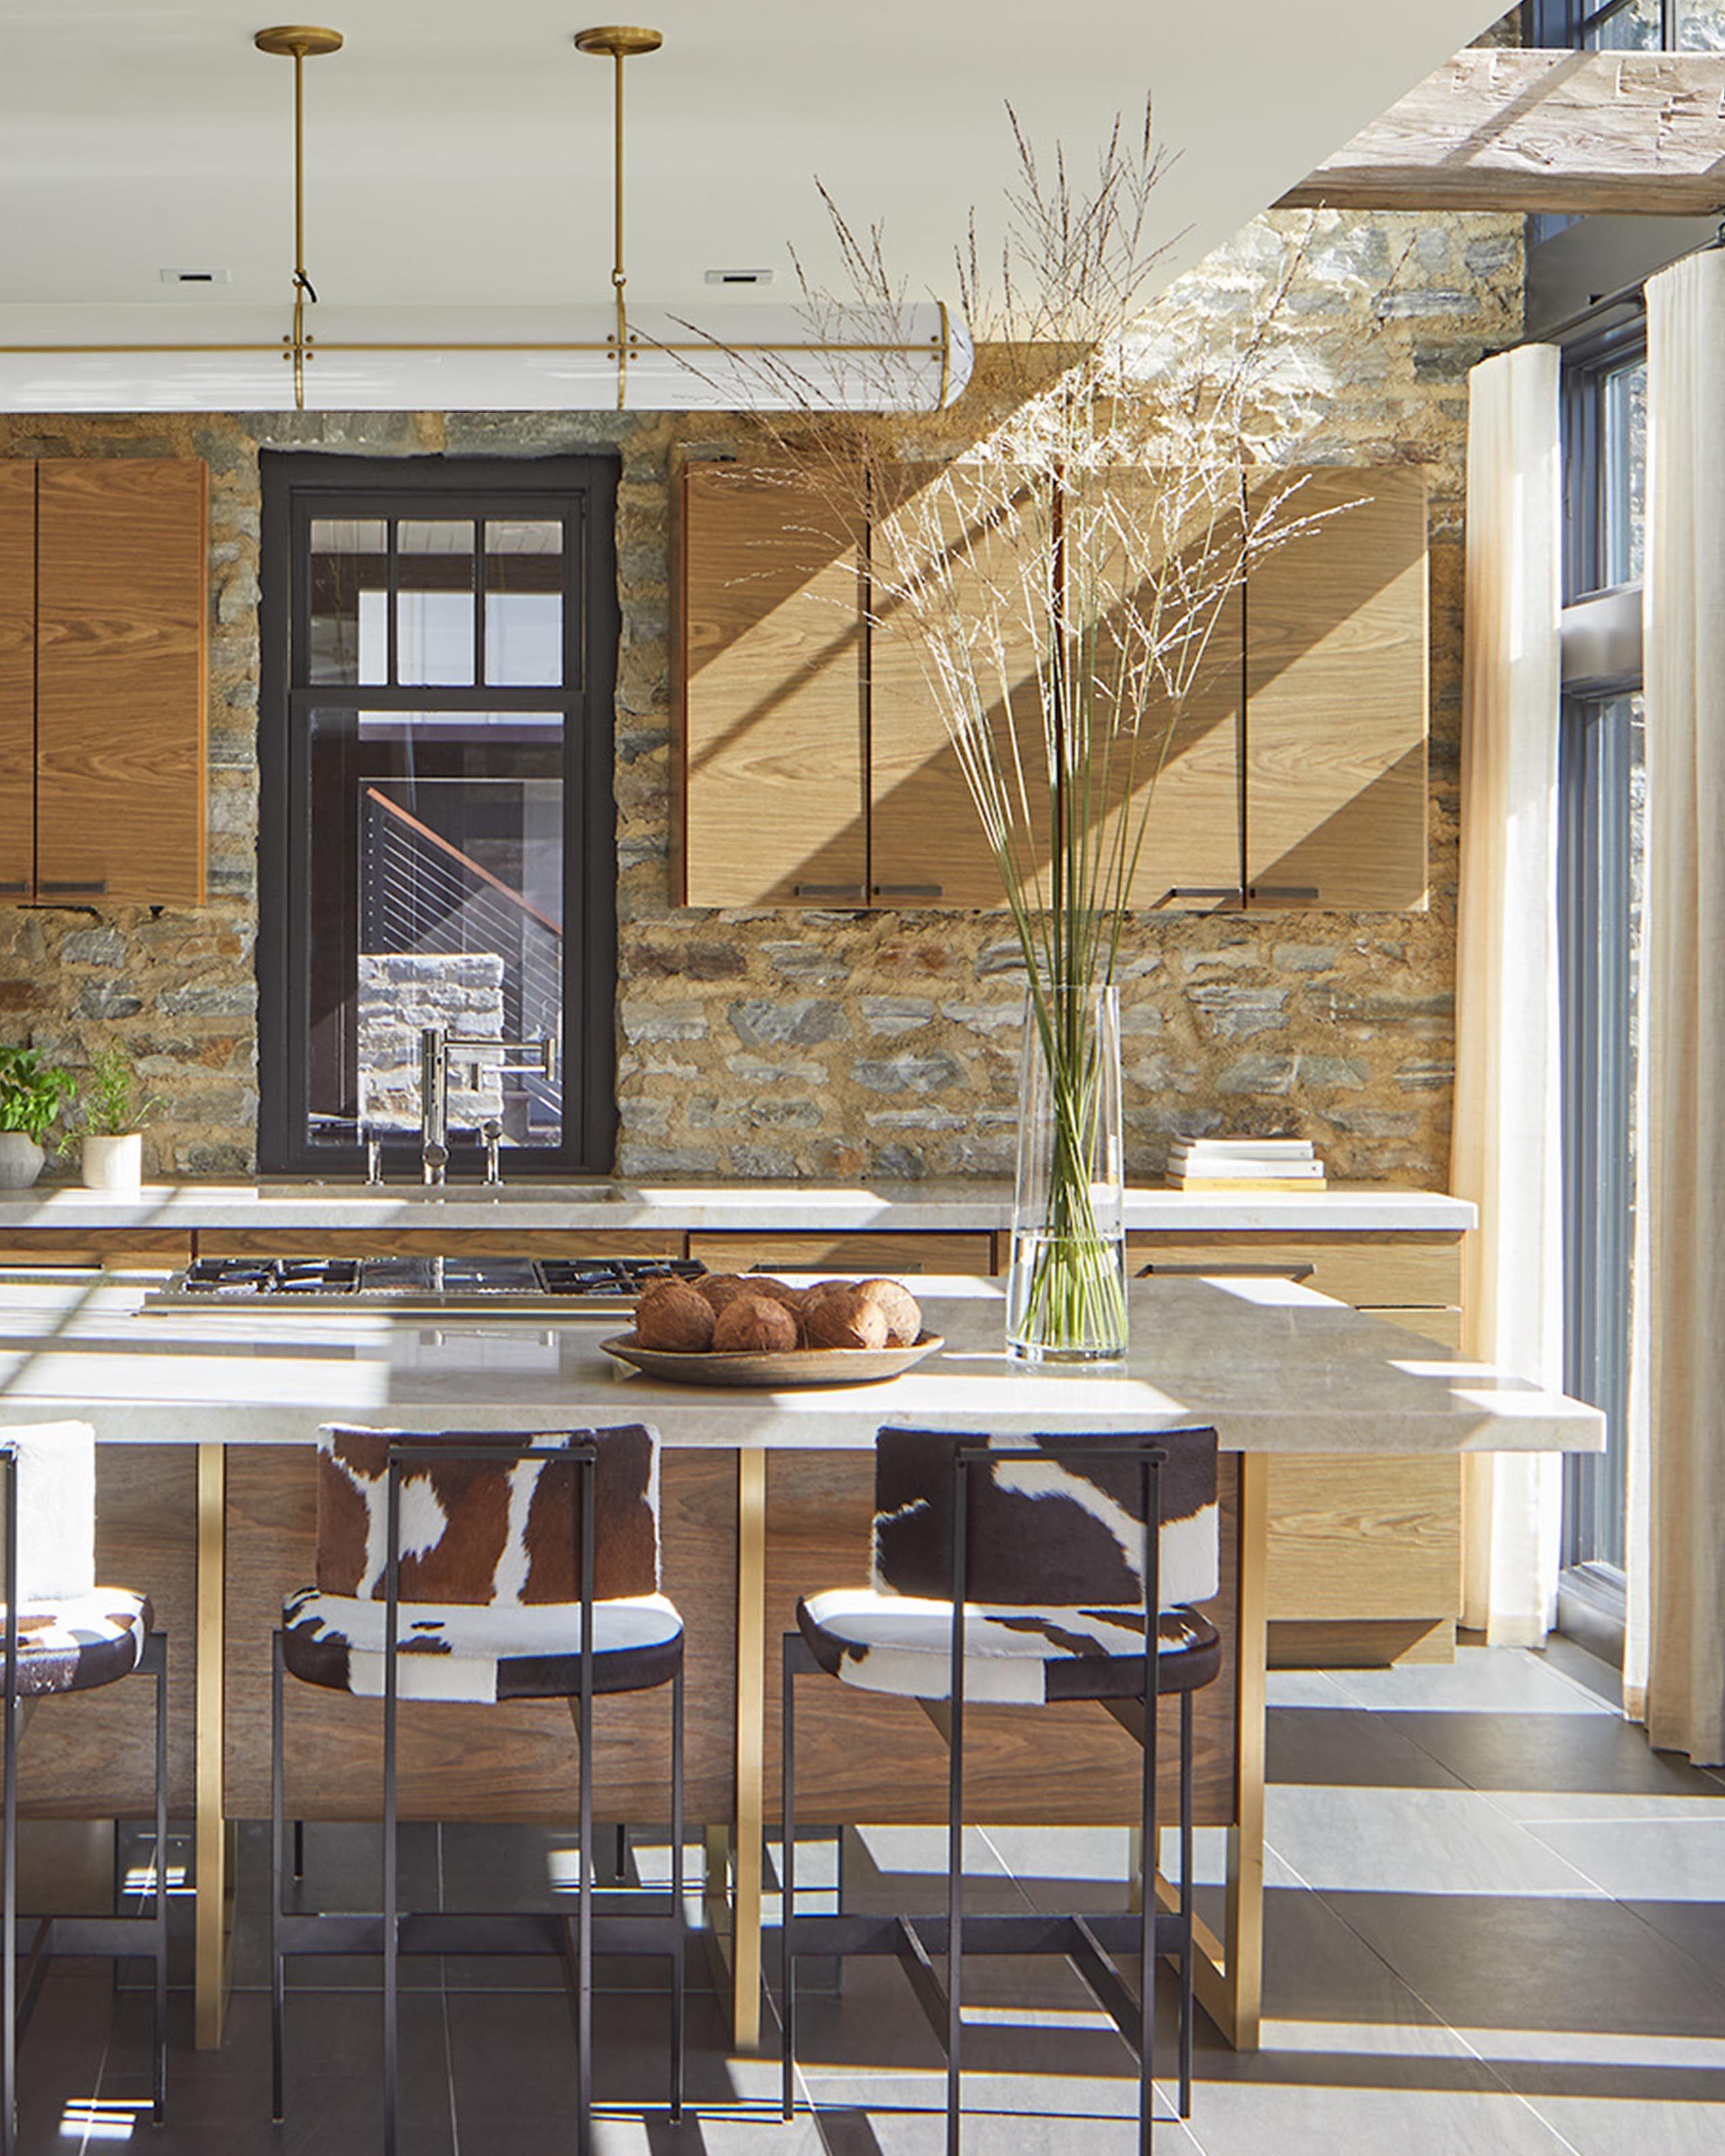 Featured in Annapolis Home Magazine. Modern Mill Kitchen #kitchen #architecture #homedesign #homedecor #architect #industrial #moderndesign #design #donaldlococo